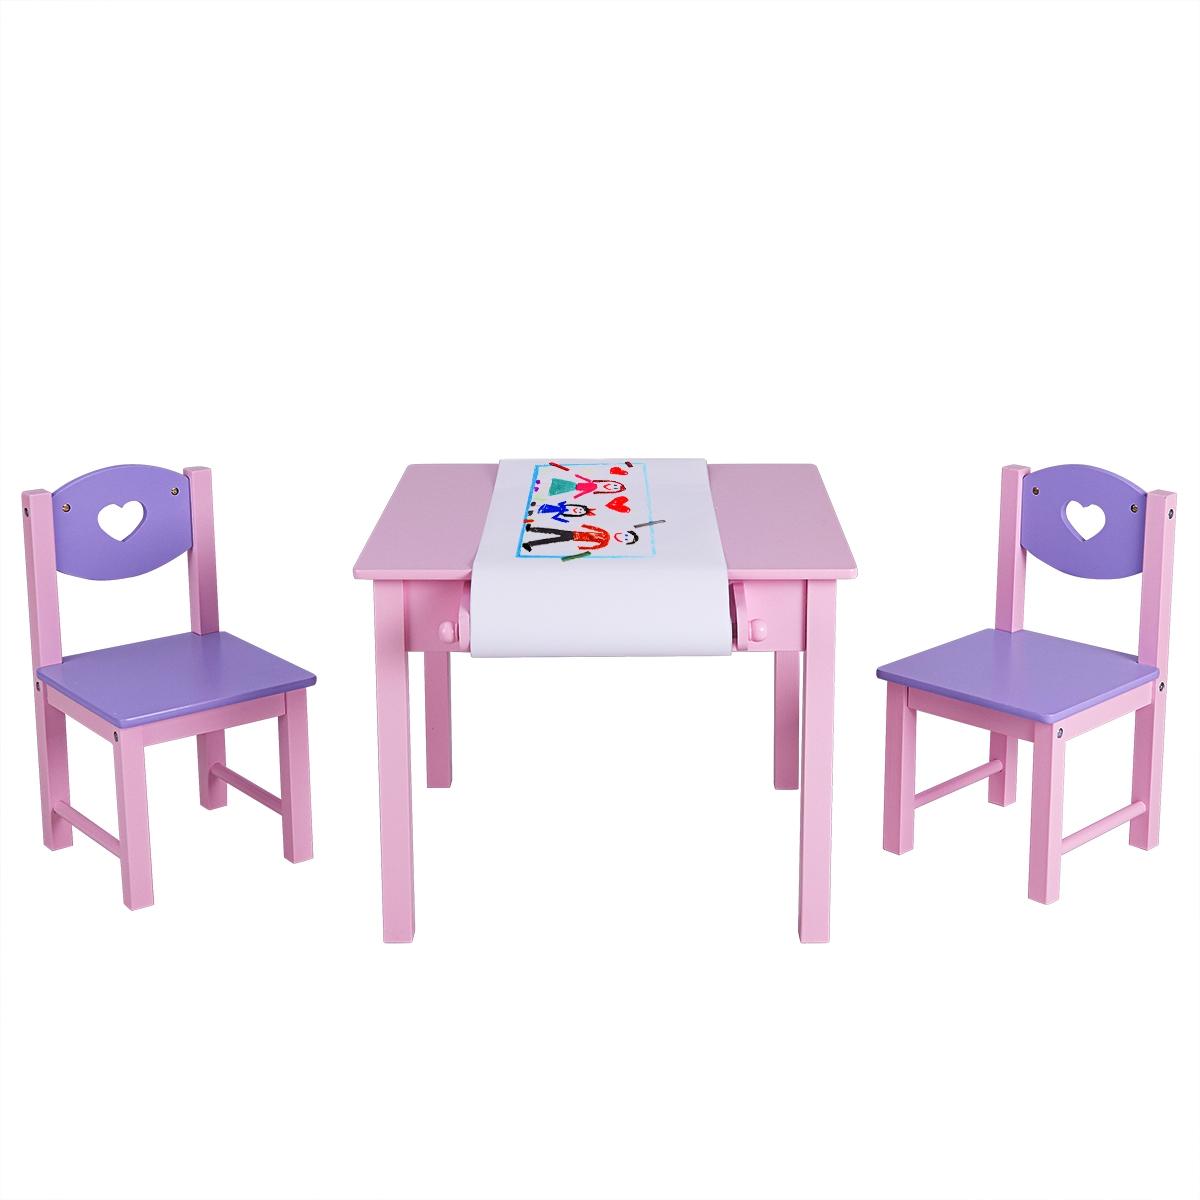 Costway Tavolo Da Disegno Per Bambini E 2 Sedie Tavolo Con Portarotolo Di Carta E 2 Cassetti Mobiletto Per Bimbi Rosa Viola Costway It